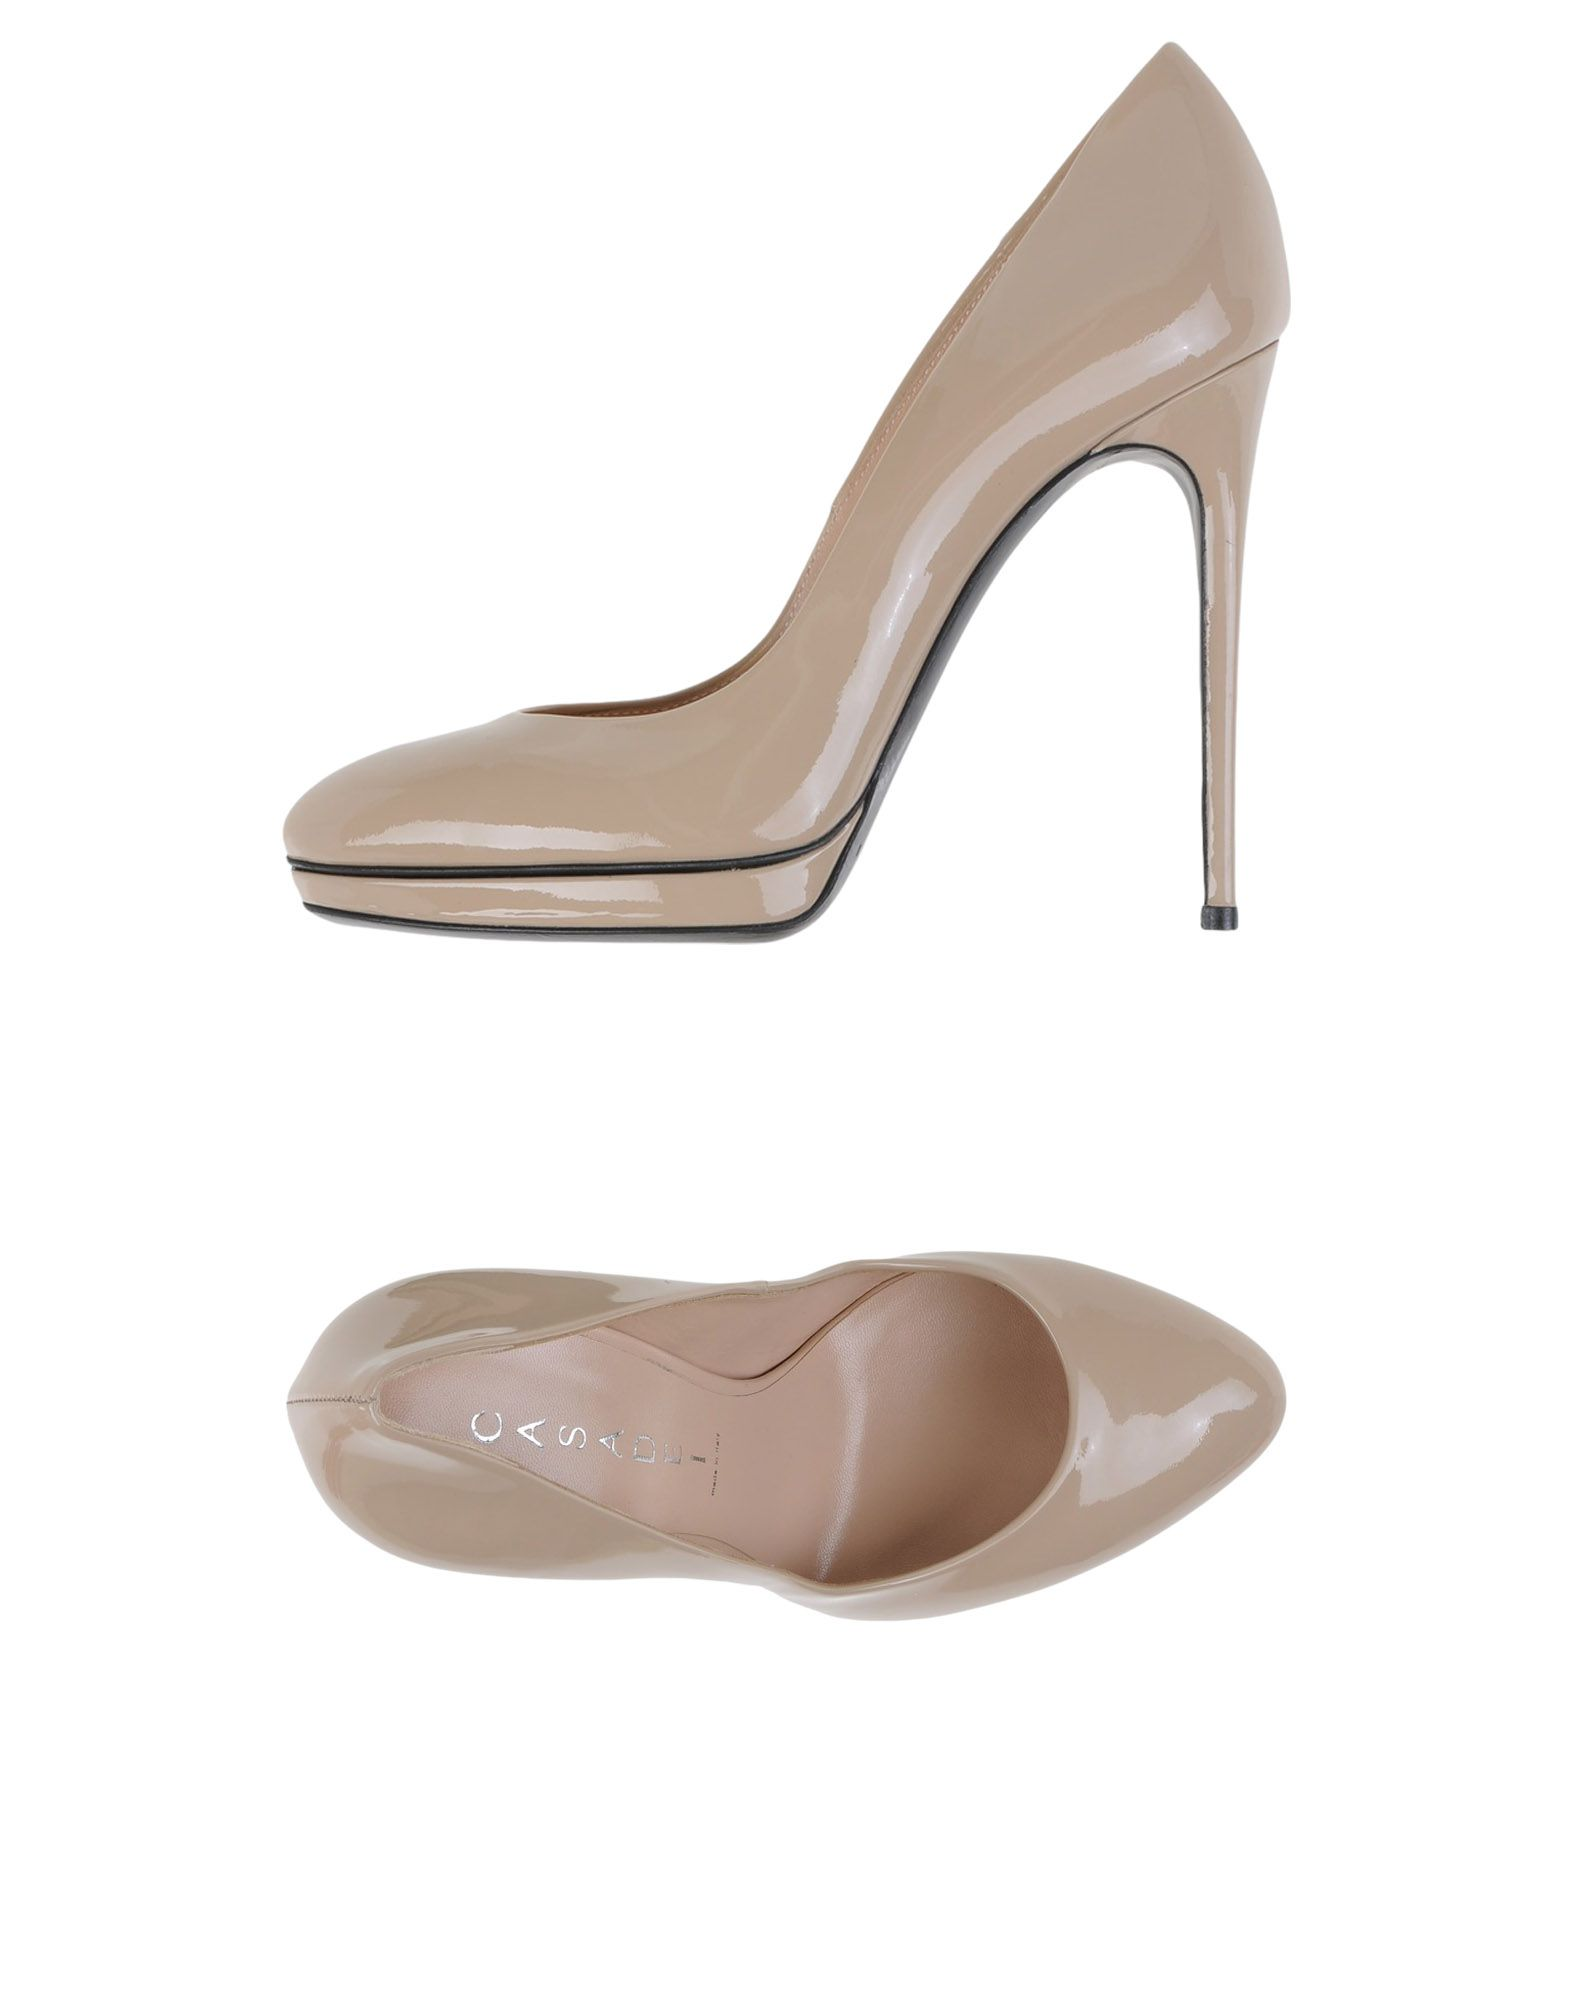 Haltbare Mode billige Schuhe Casadei Pumps Damen  11074976HM Heiße Schuhe